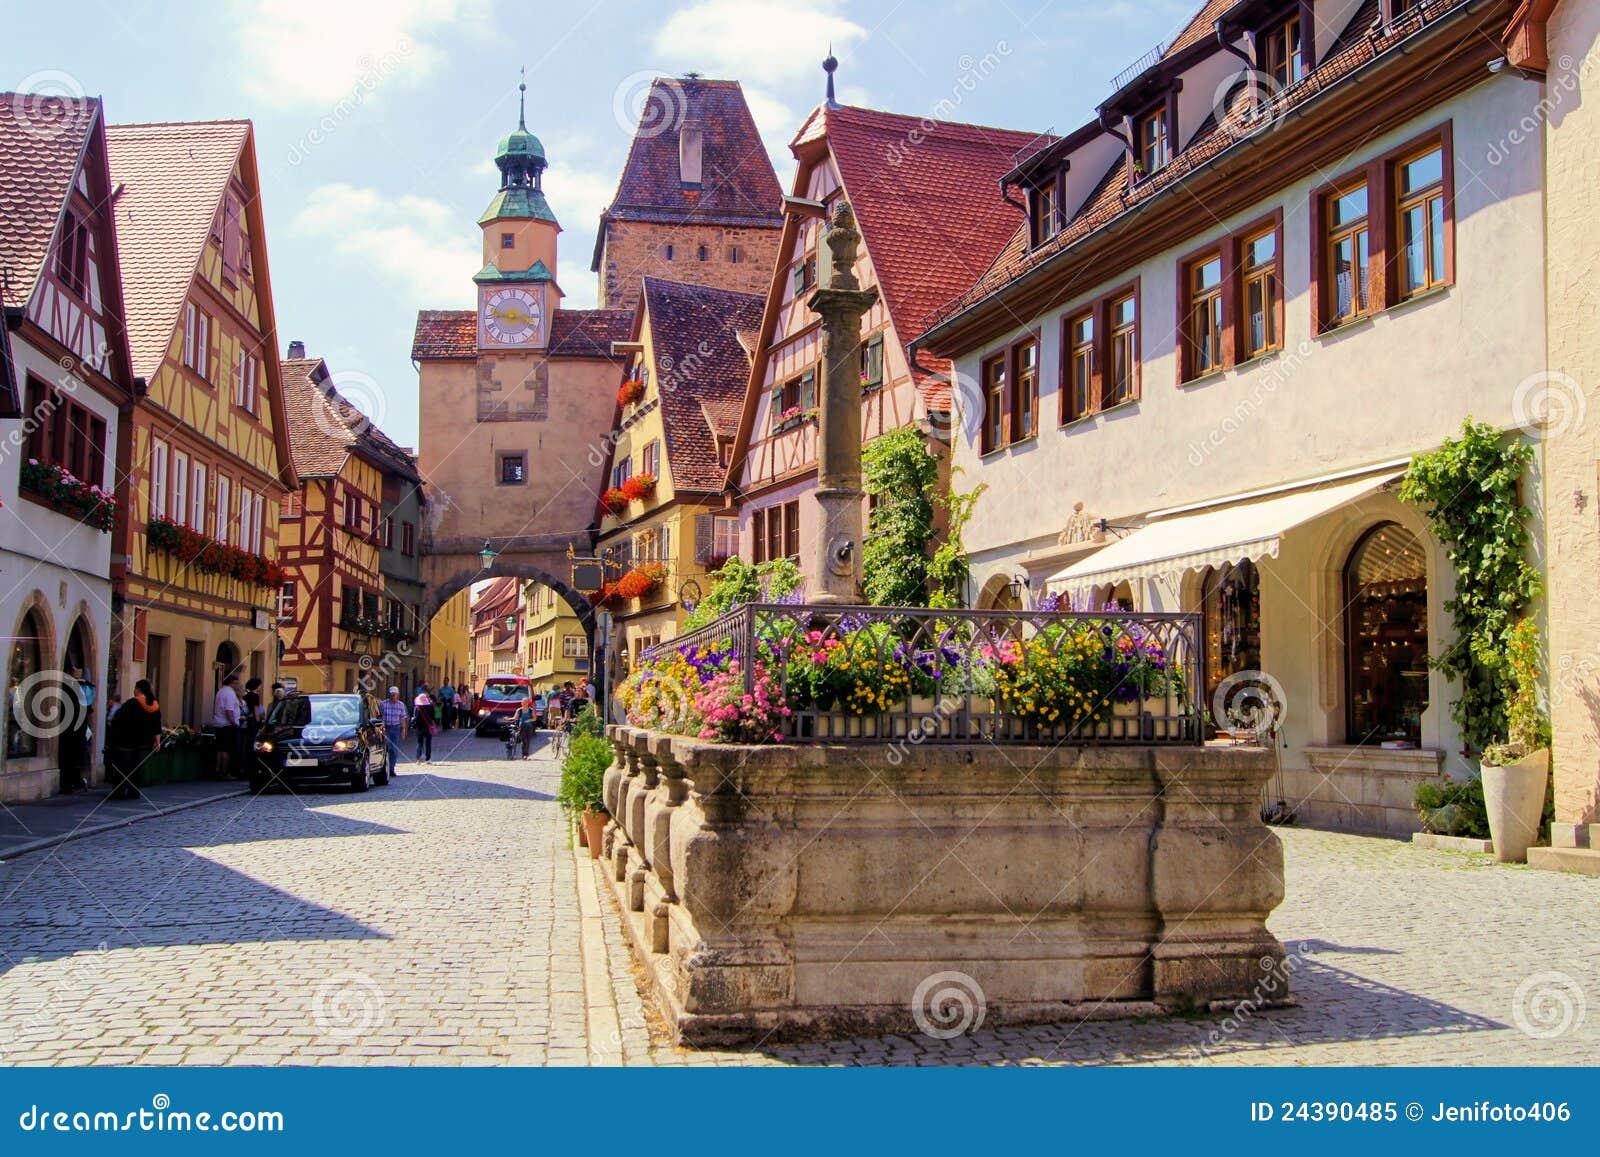 See In Der Nähe Von Frankfurt